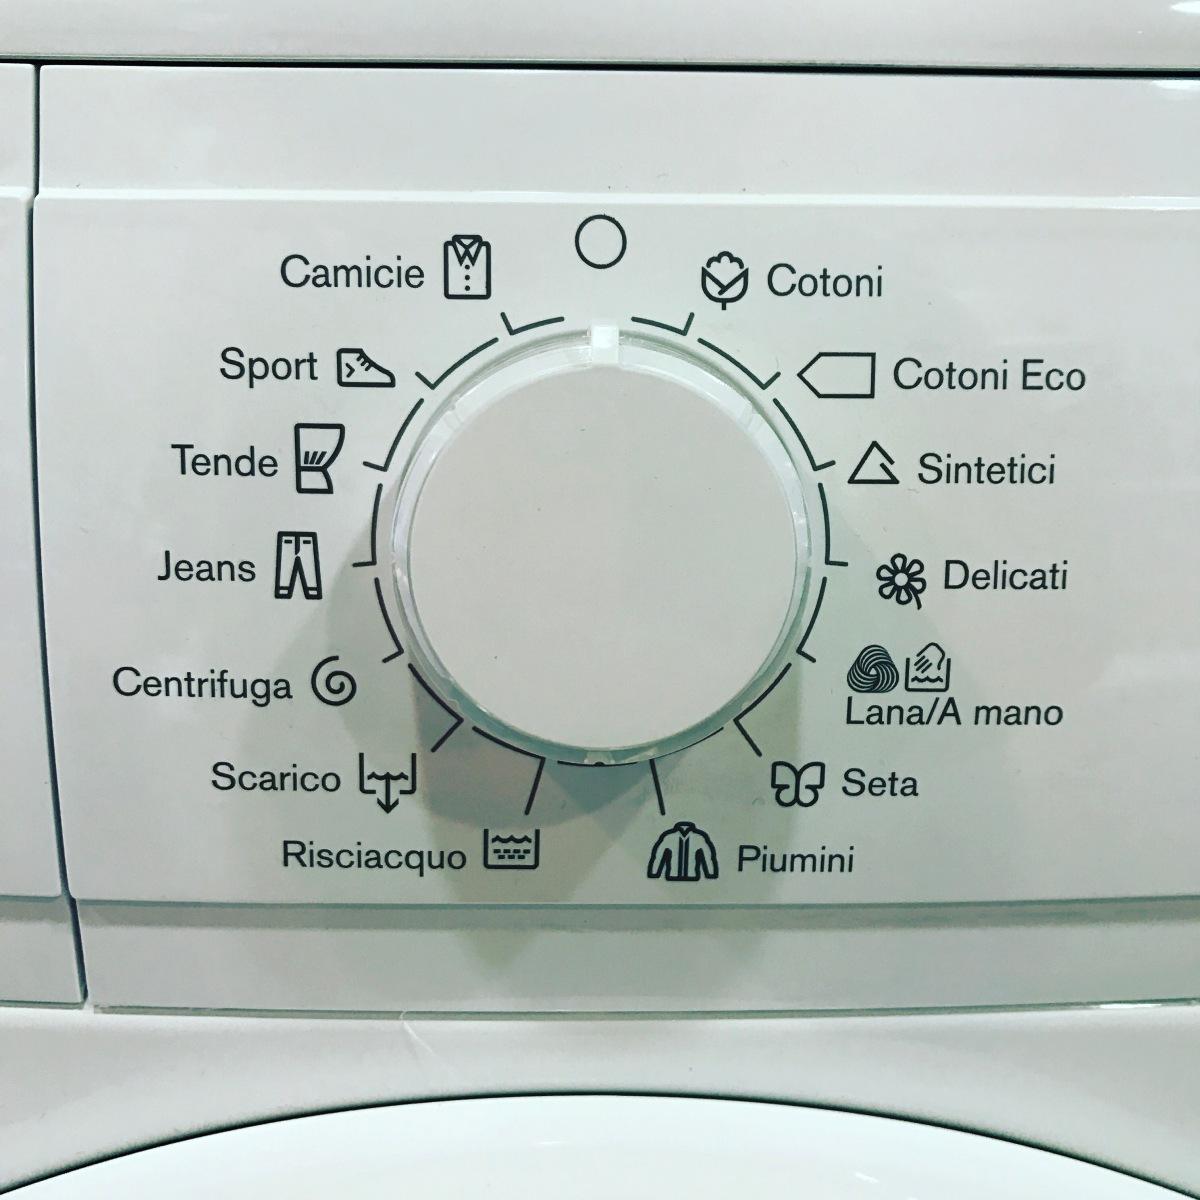 I Simboli Della Lavatrice Caricovariabile